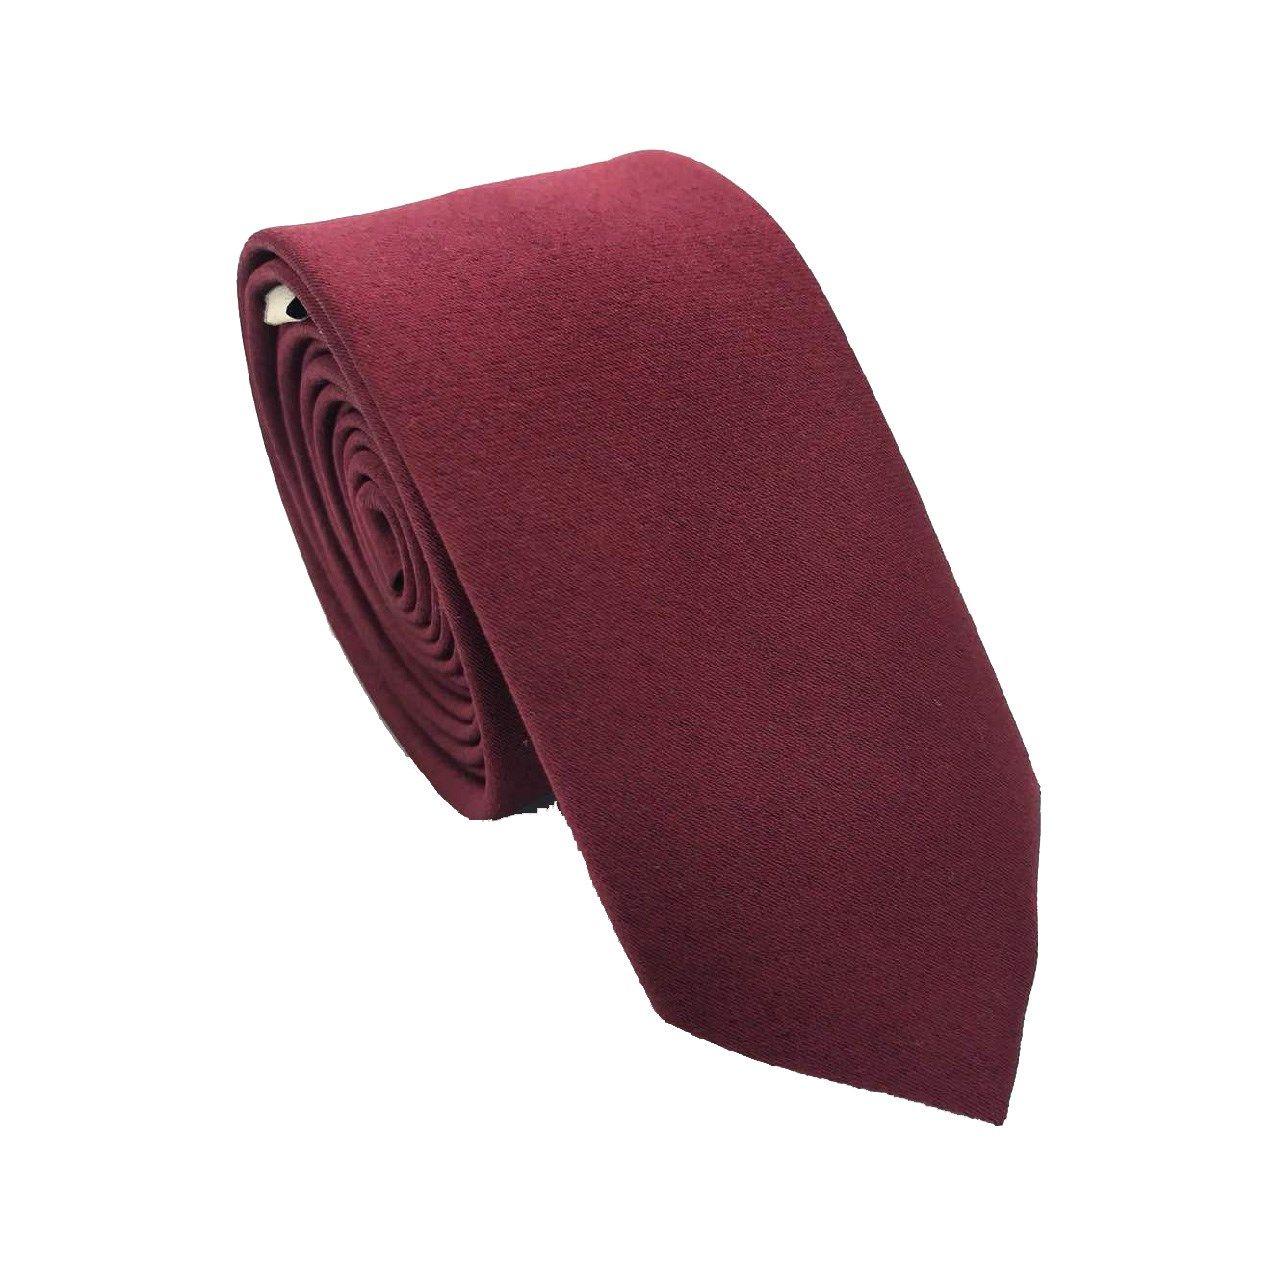 کراوات مردانه هکس ایران مدل R005 -  - 1